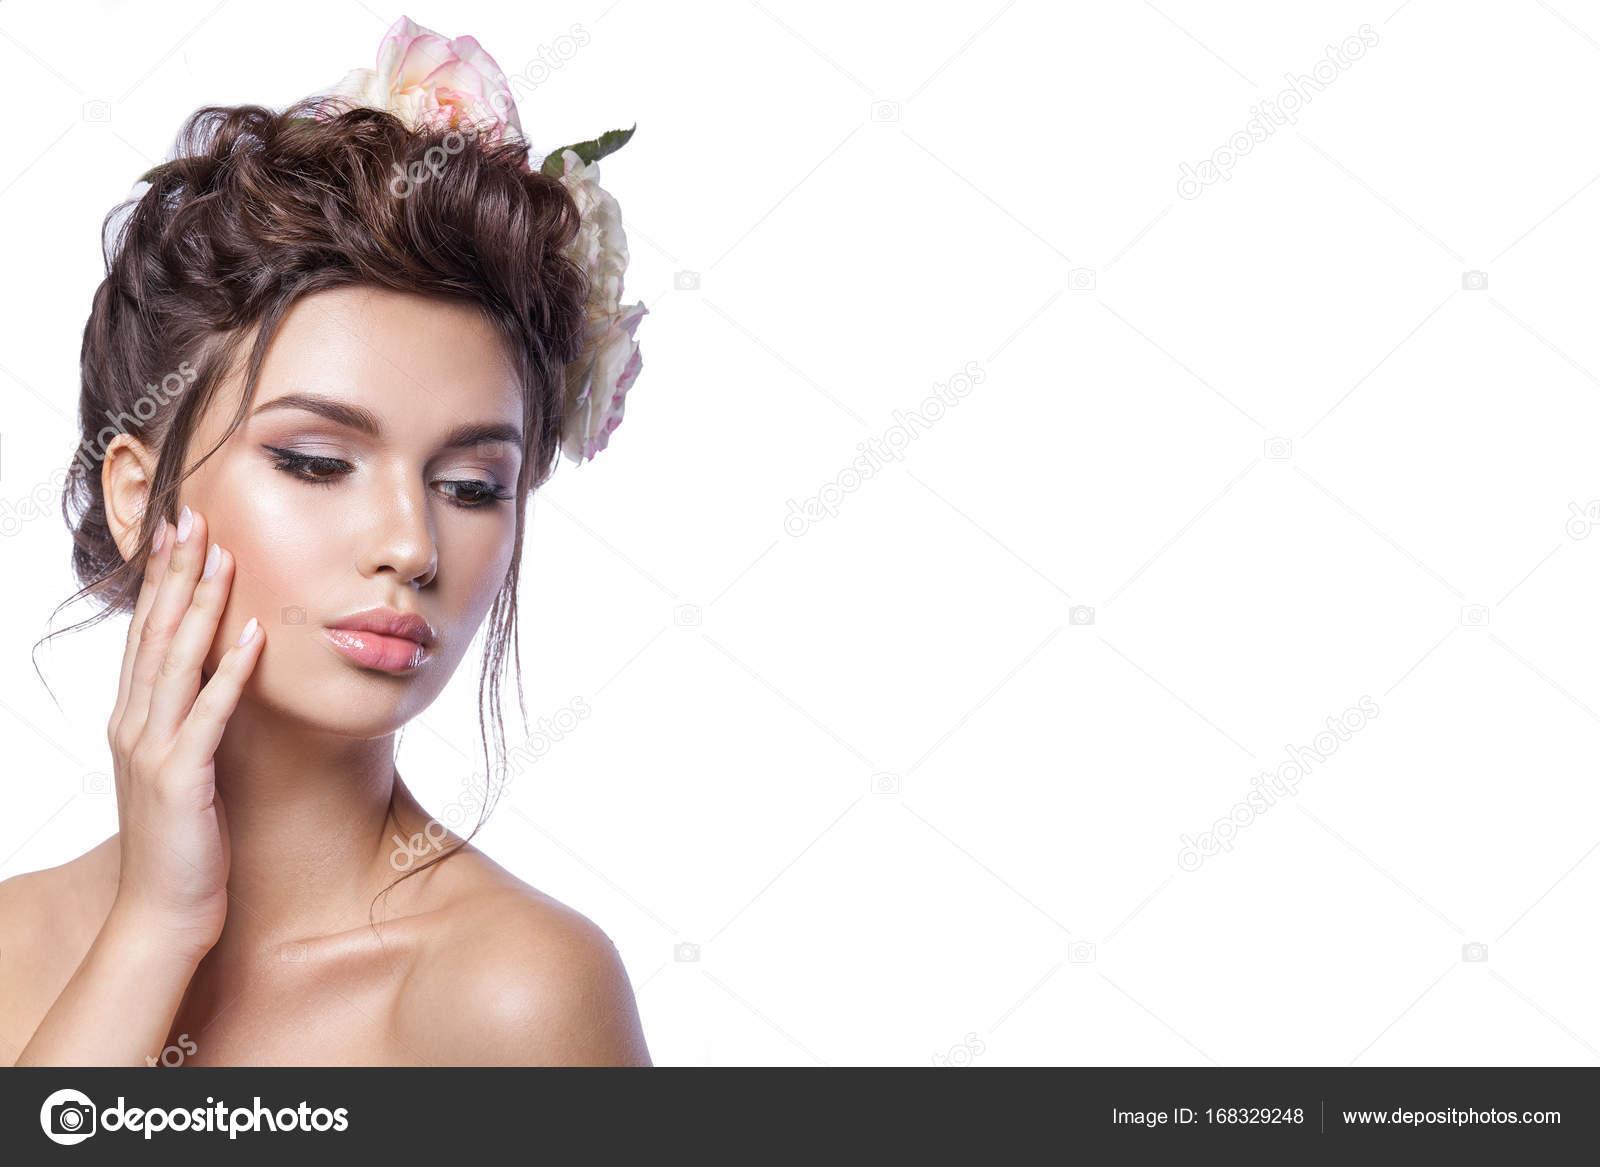 Peinados y belleza trenzas  0e7acdc66920